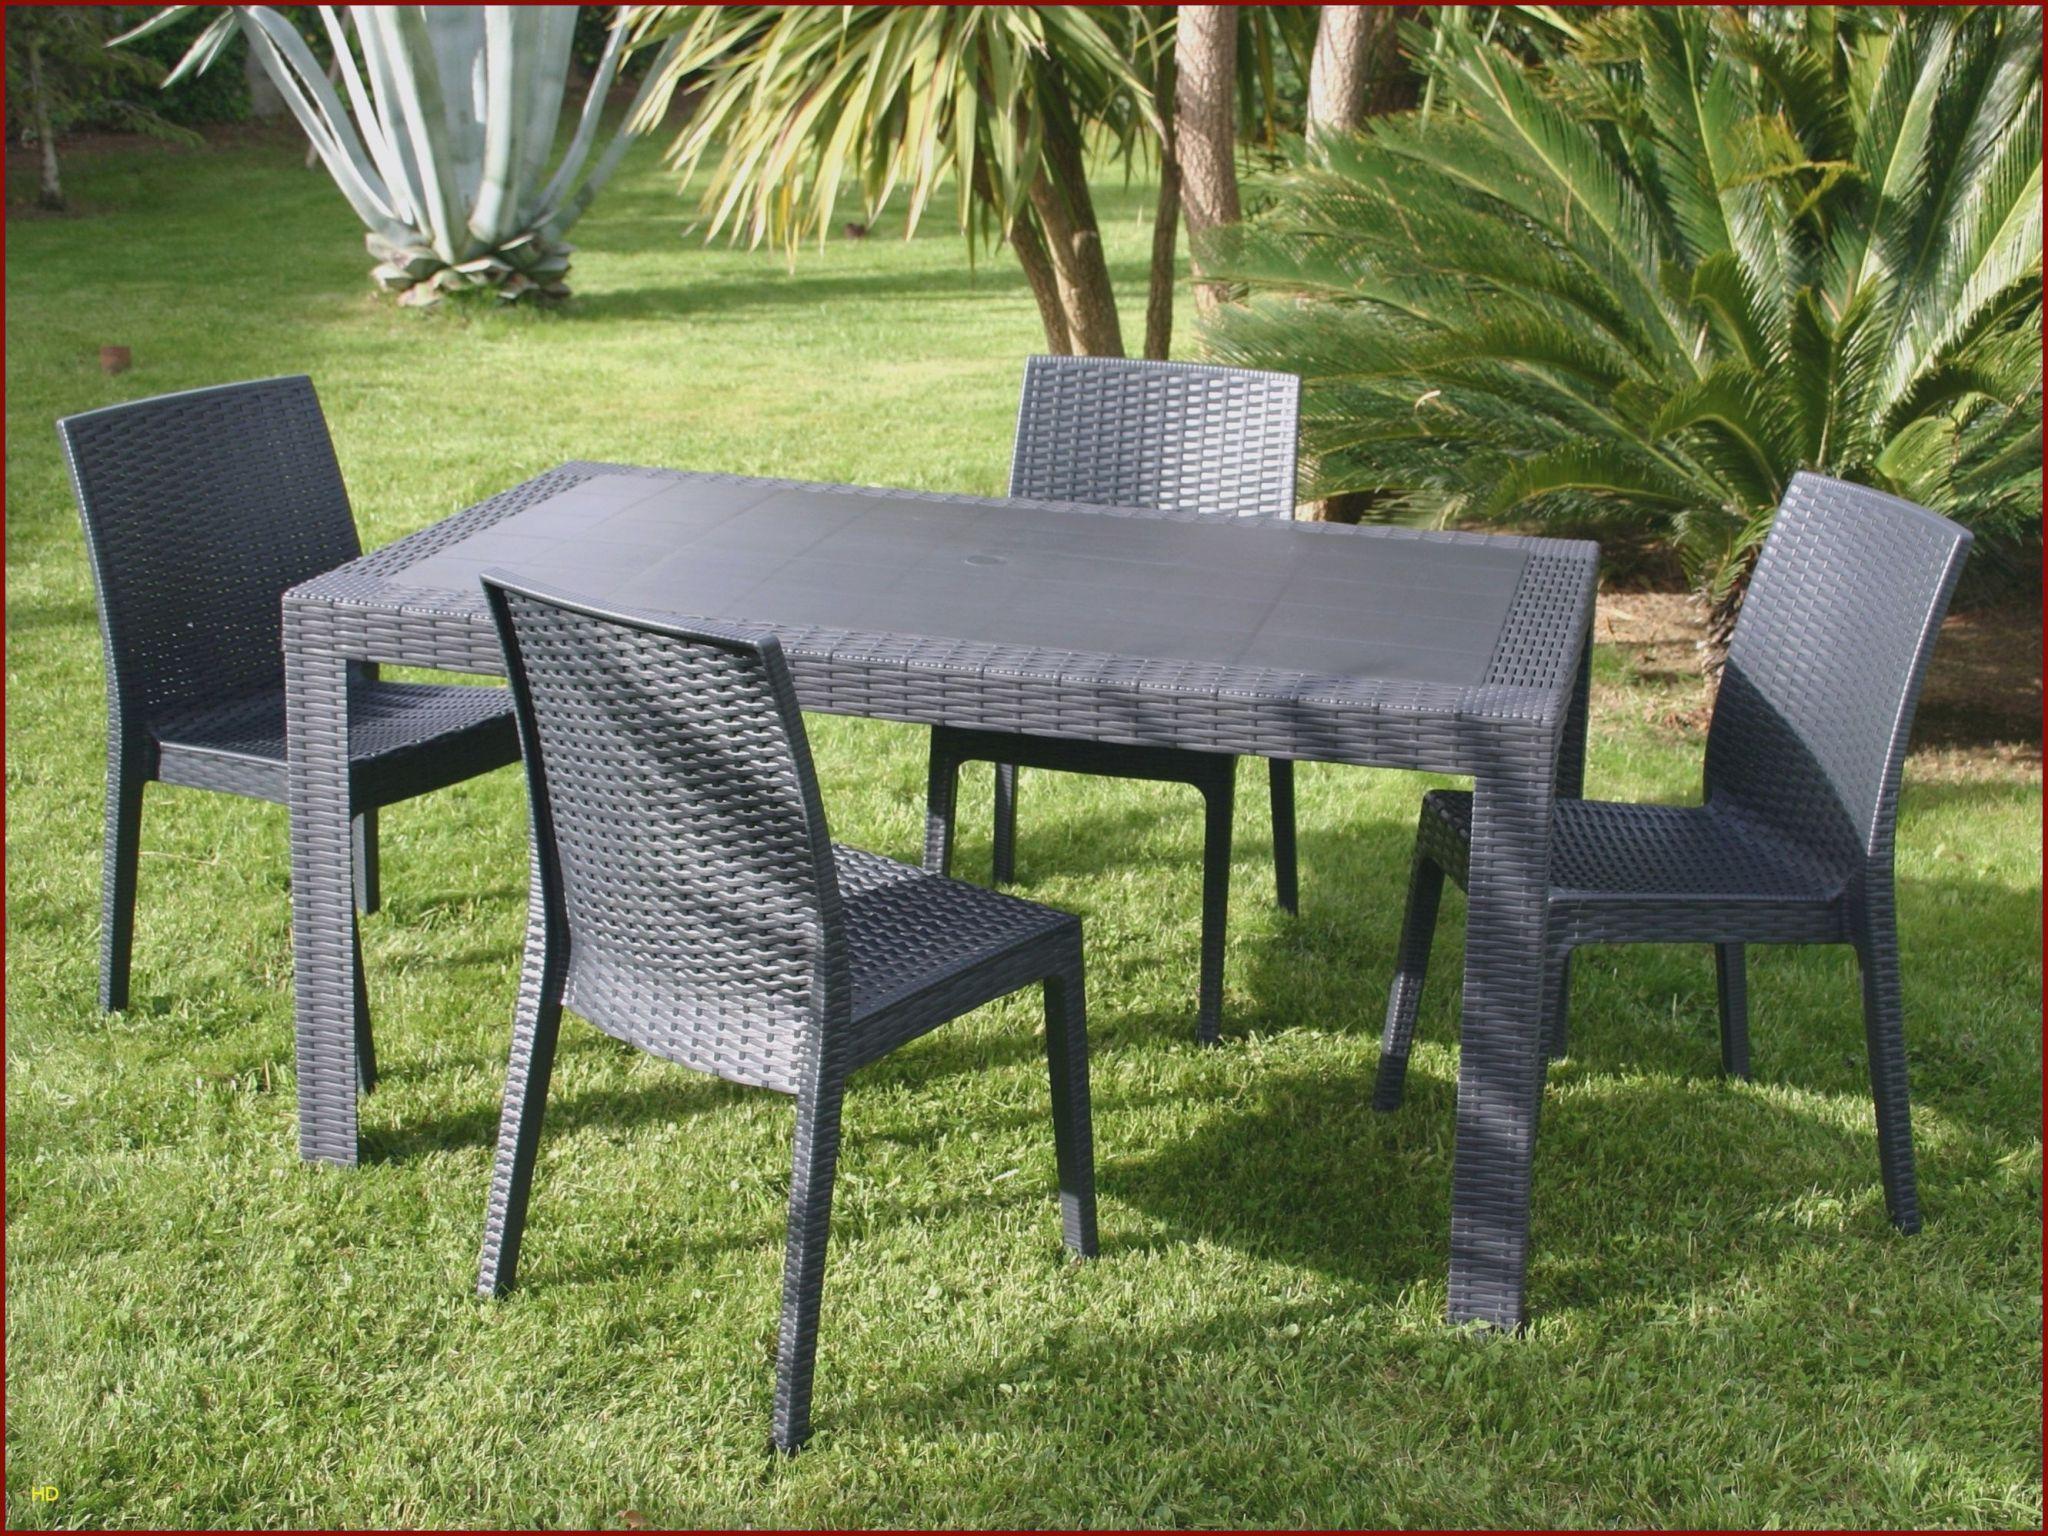 Table Et Chaise De Jardin En Resine Beau Chaises Luxe Chaise Ice 0d Table Jardin Resine Lovely